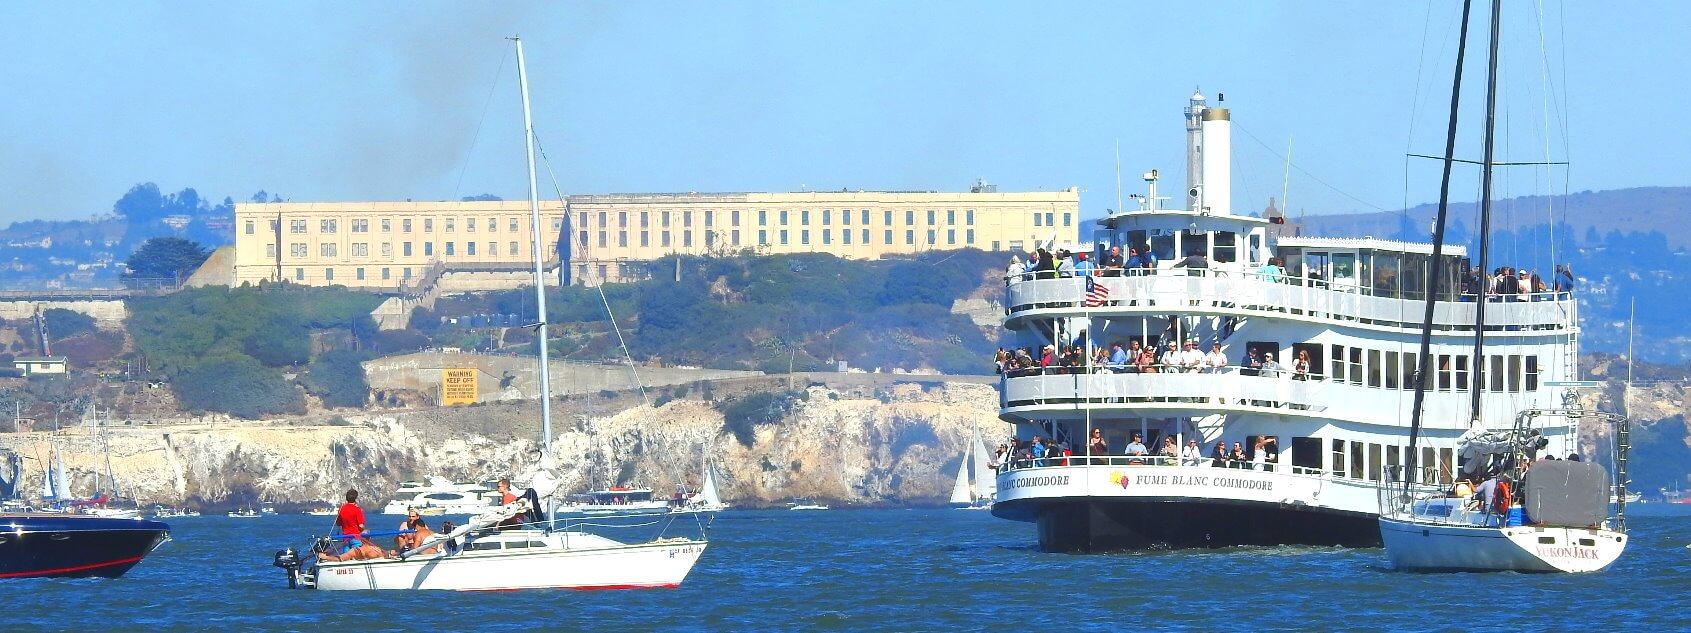 visite_guidée_de_la_ville_de_avec_croisière_en_ferry_dans_la_baie_de_san_francisco_et_sausalito